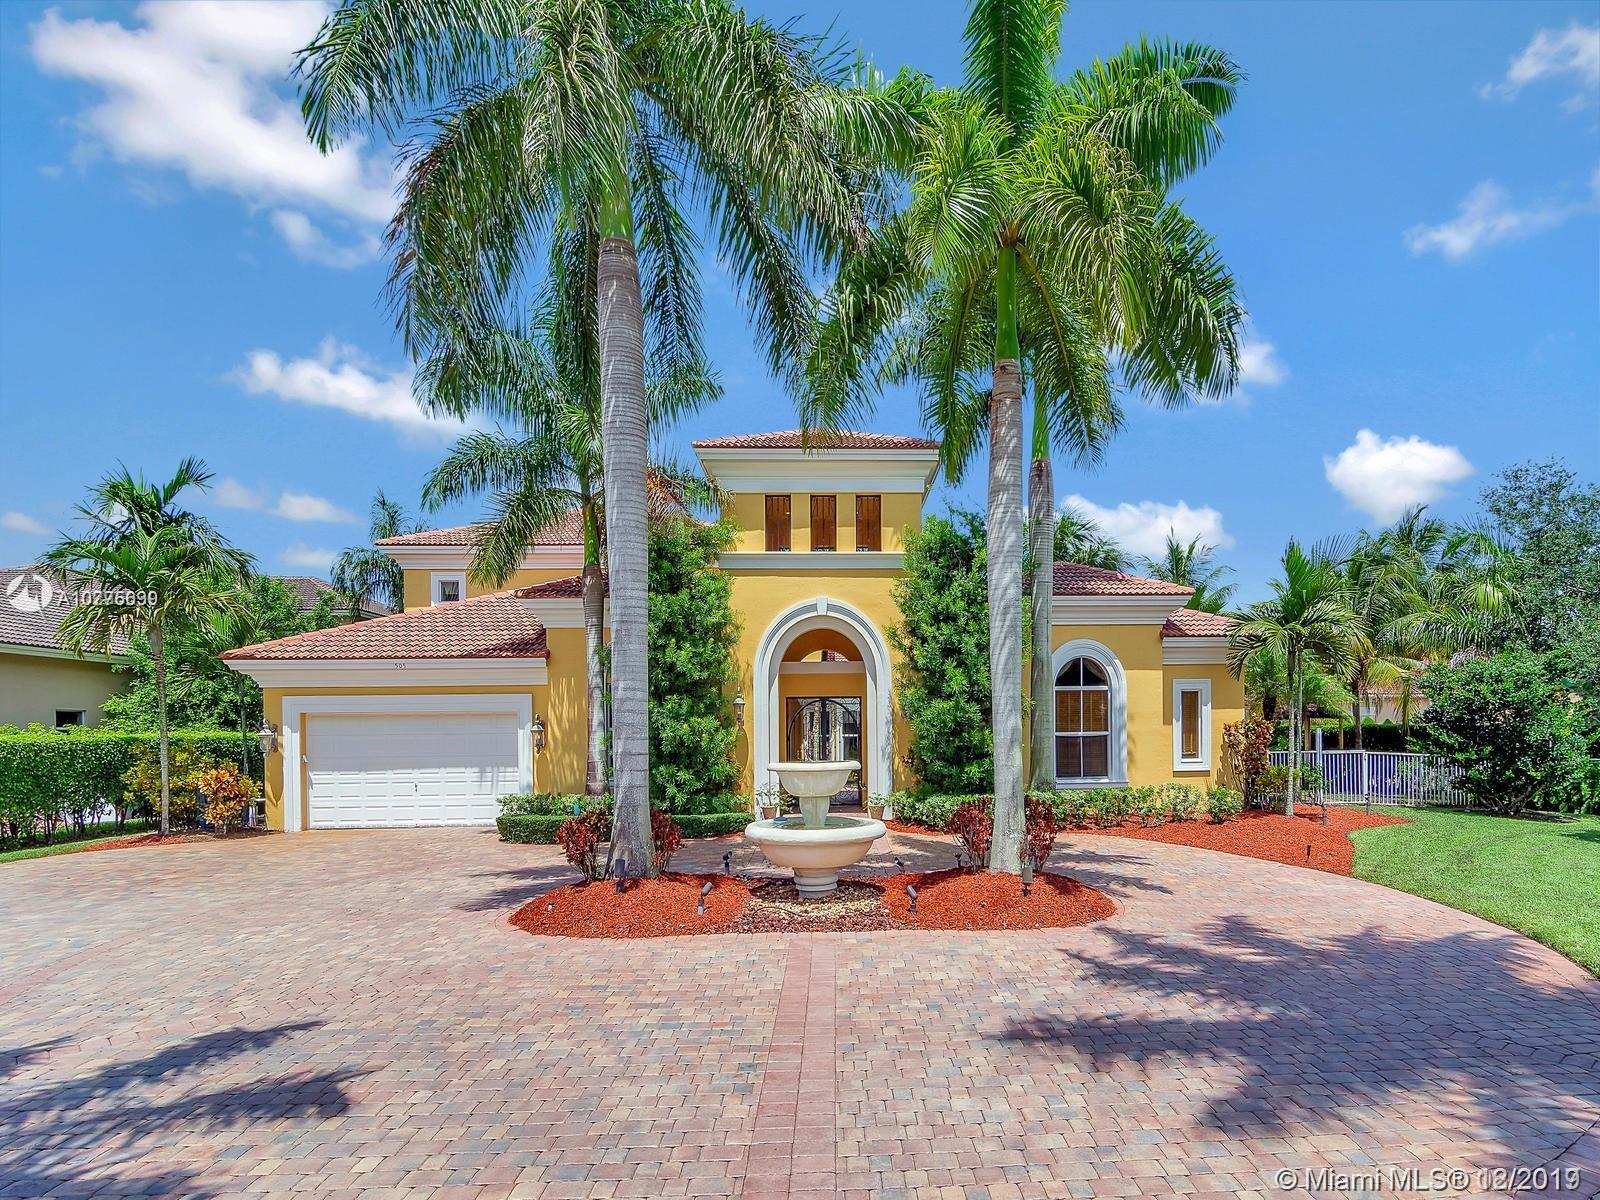 505 Enclave Circle W., Pembroke Pines FL 33027